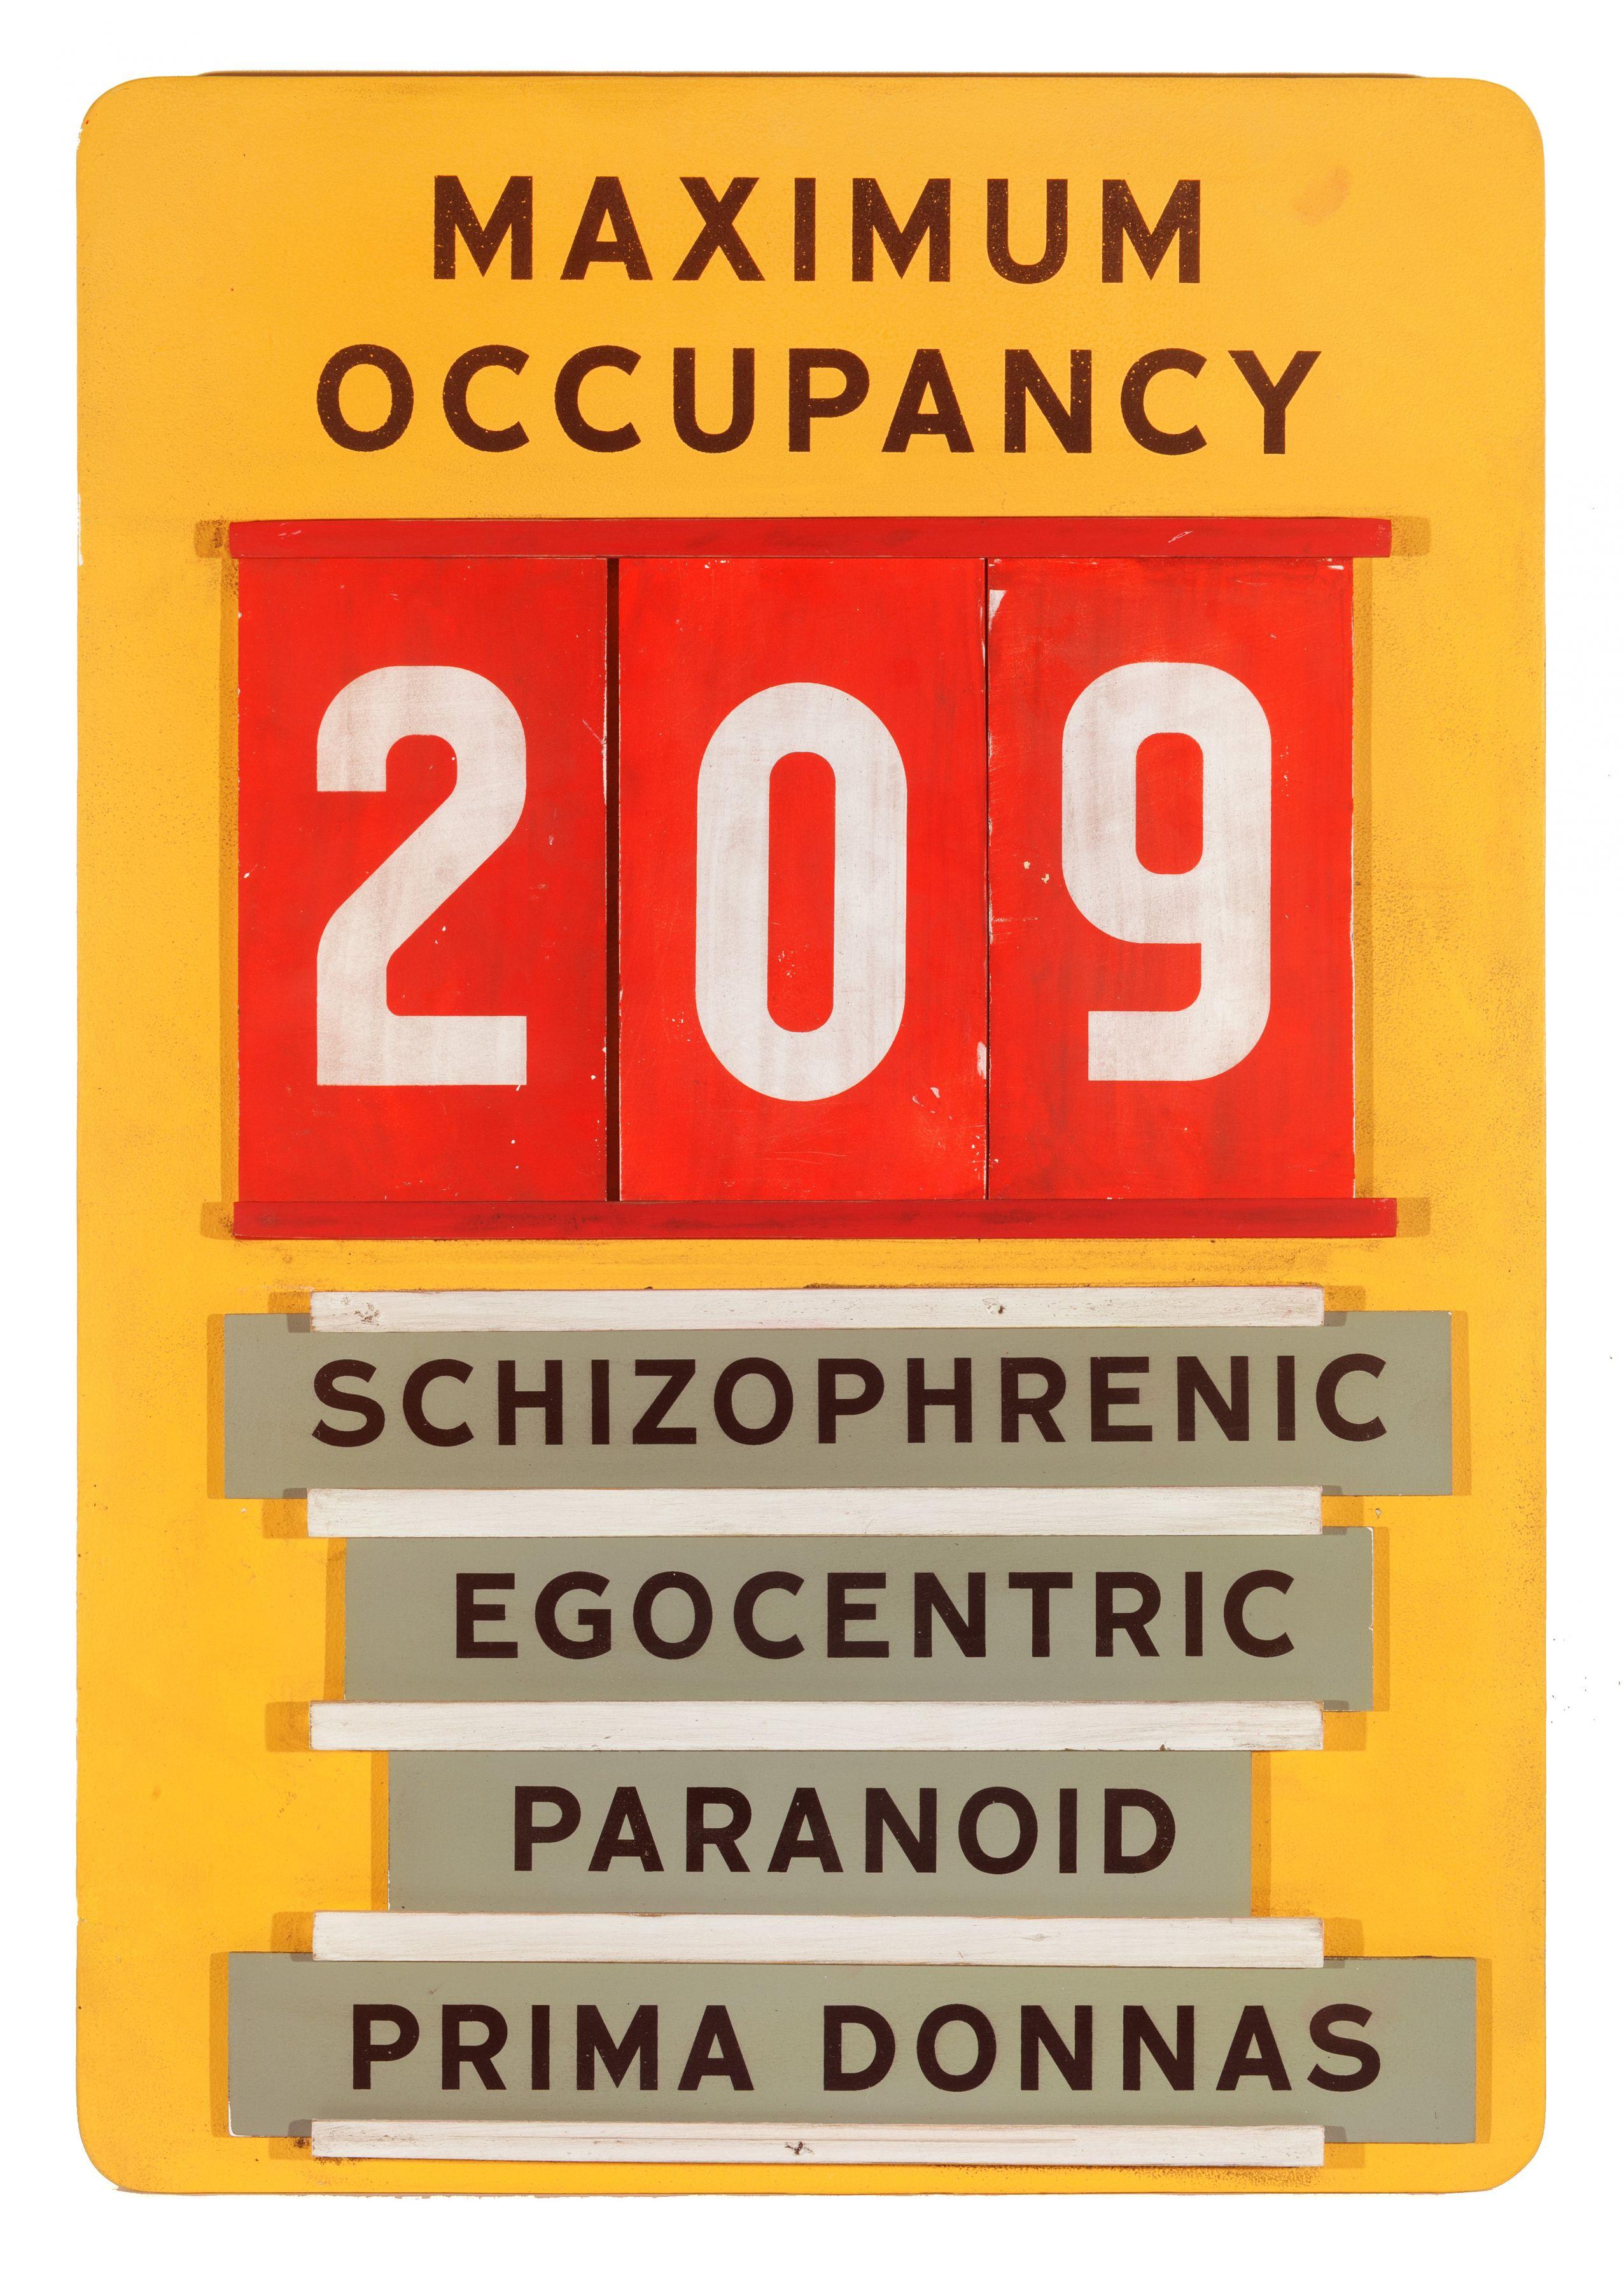 SKYLAR FEIN, Maximum Occupancy (workplace safety sign), 2019